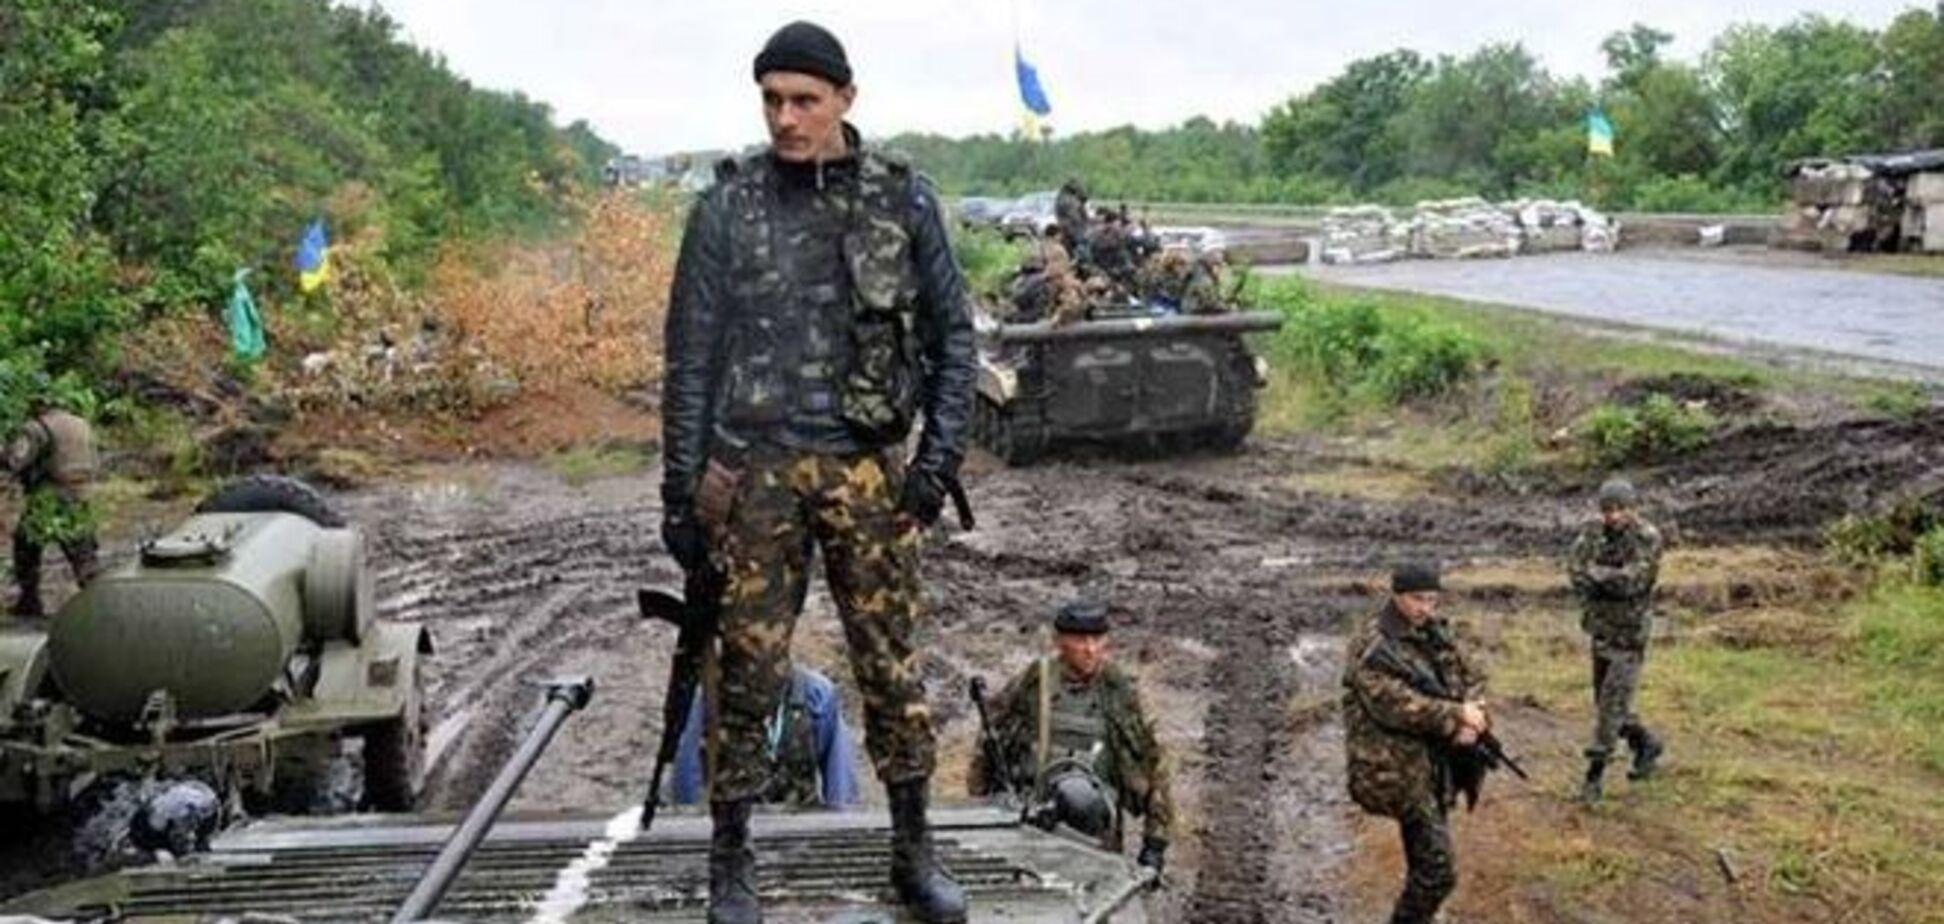 Штаб АТО назвал самые горячие точки на Донбассе